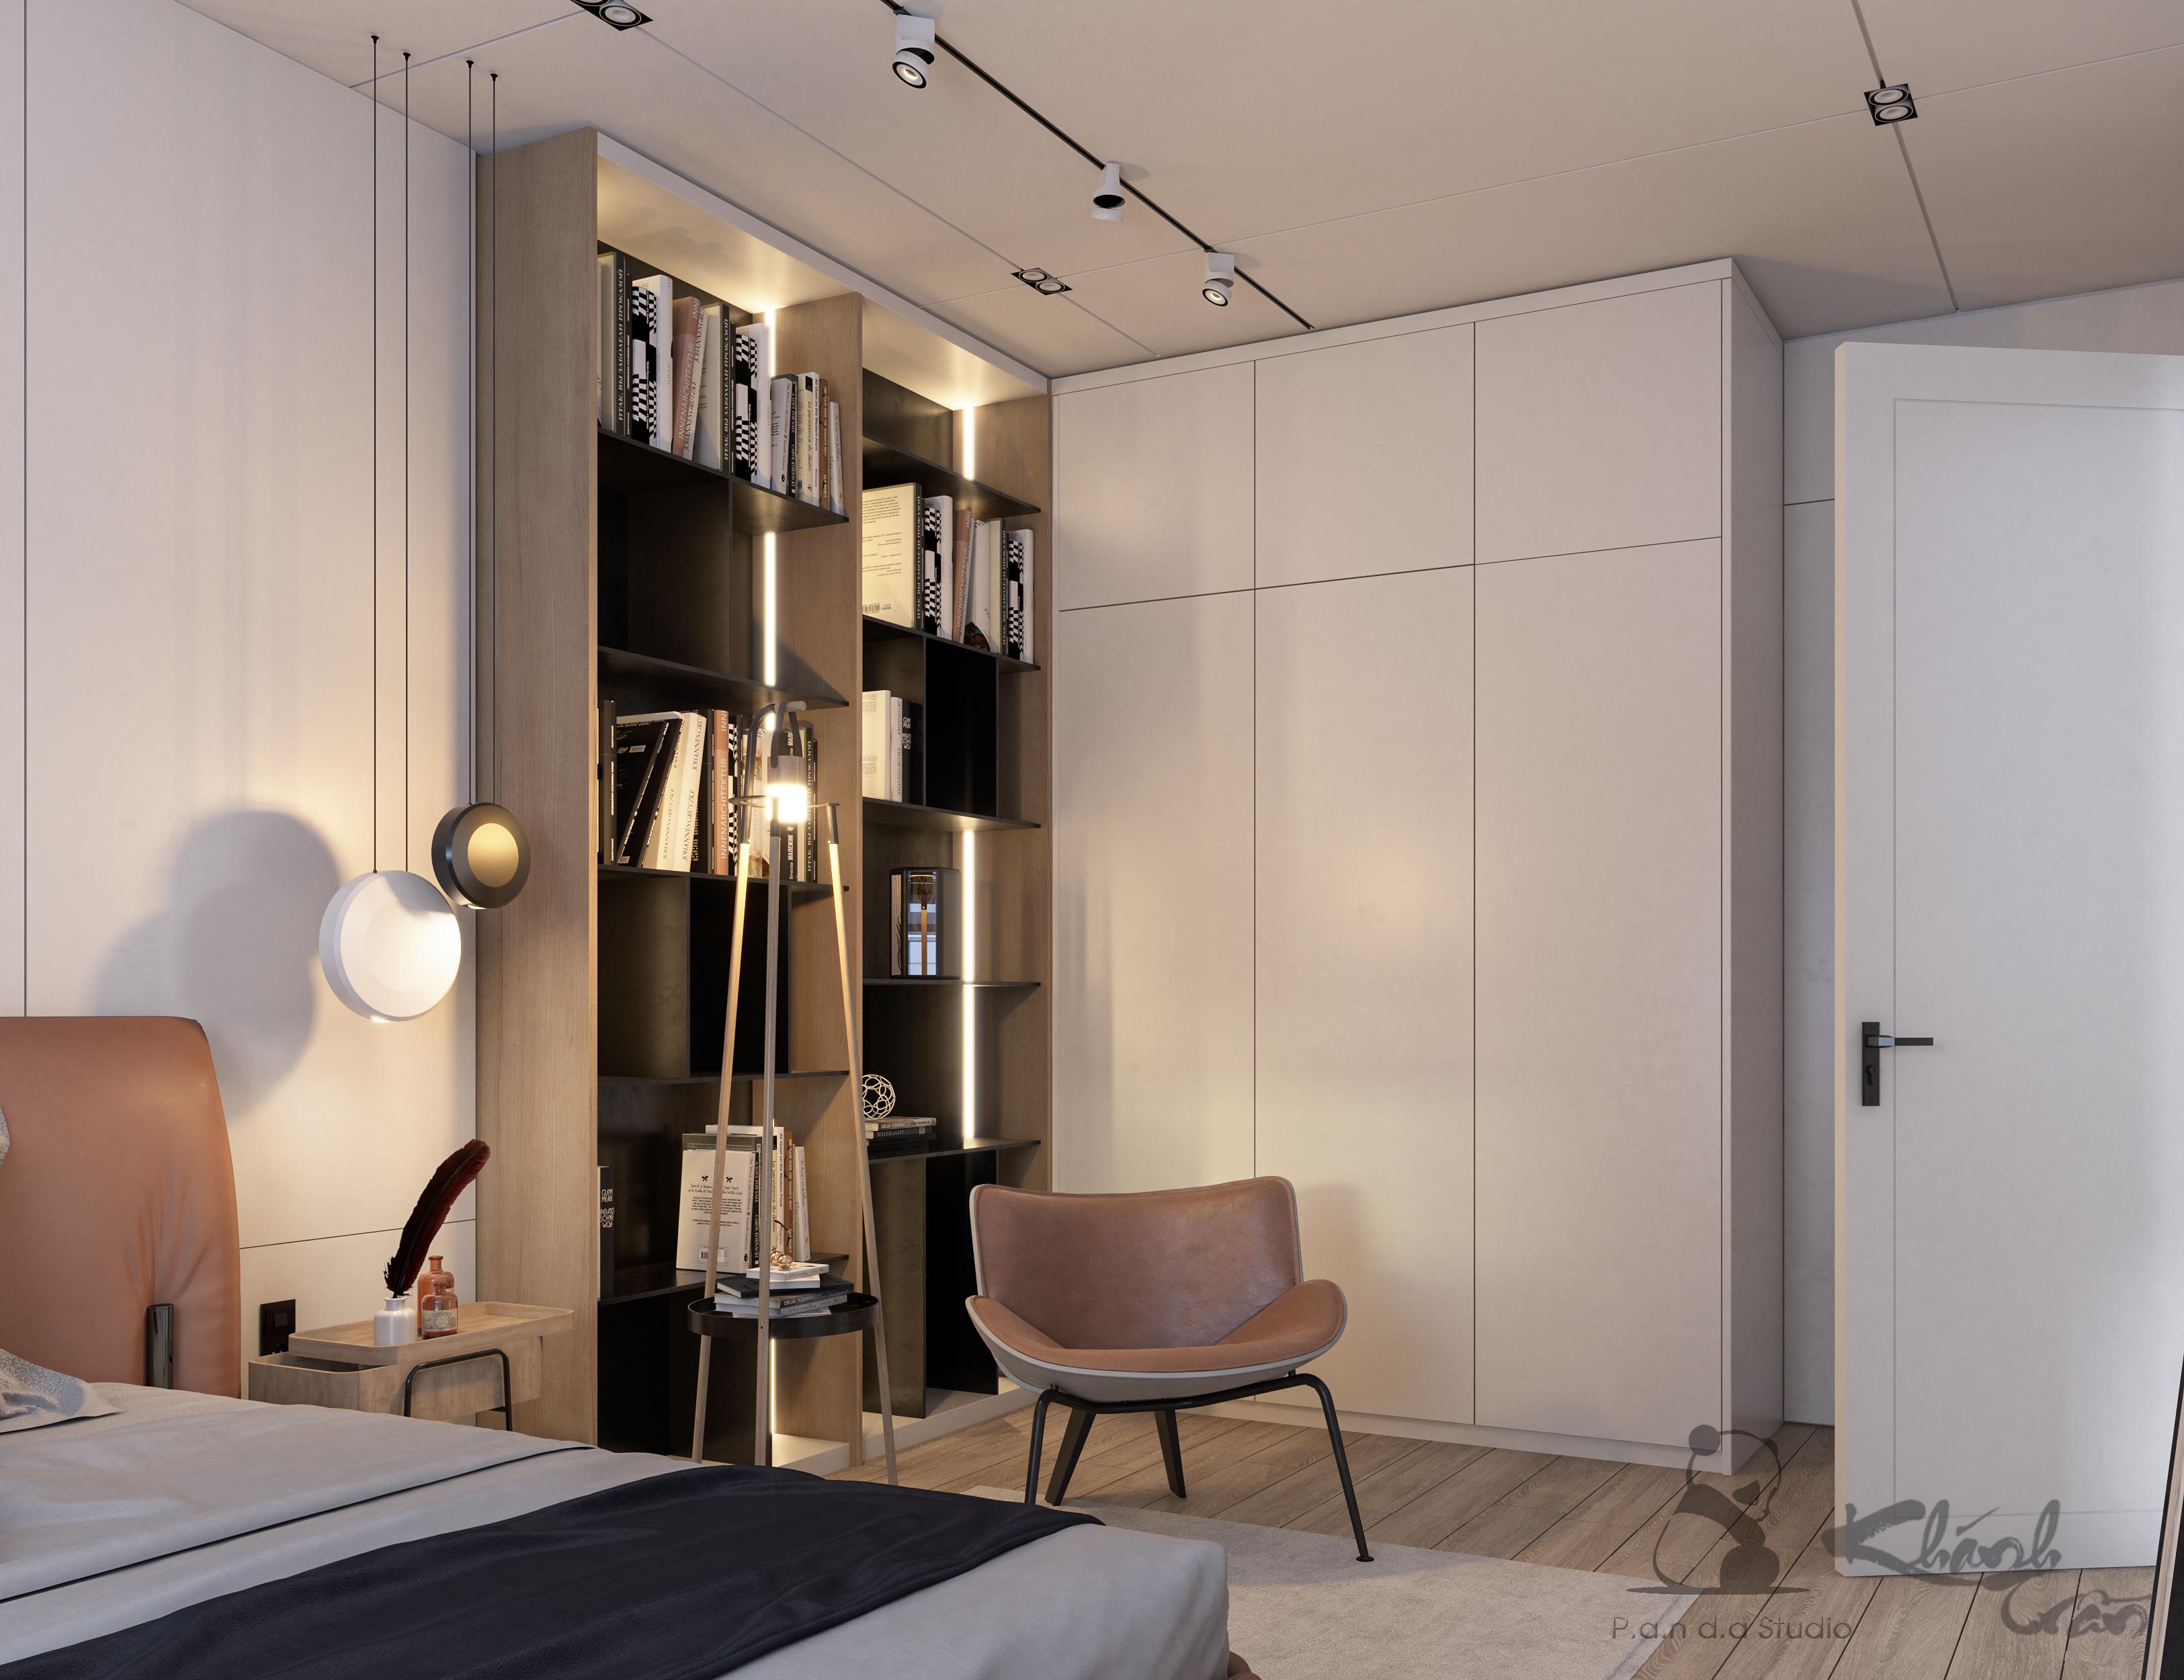 Thiết kế nội thất Chung Cư tại Hồ Chí Minh KDC CitiLand Gò Vấp 1578021370 2